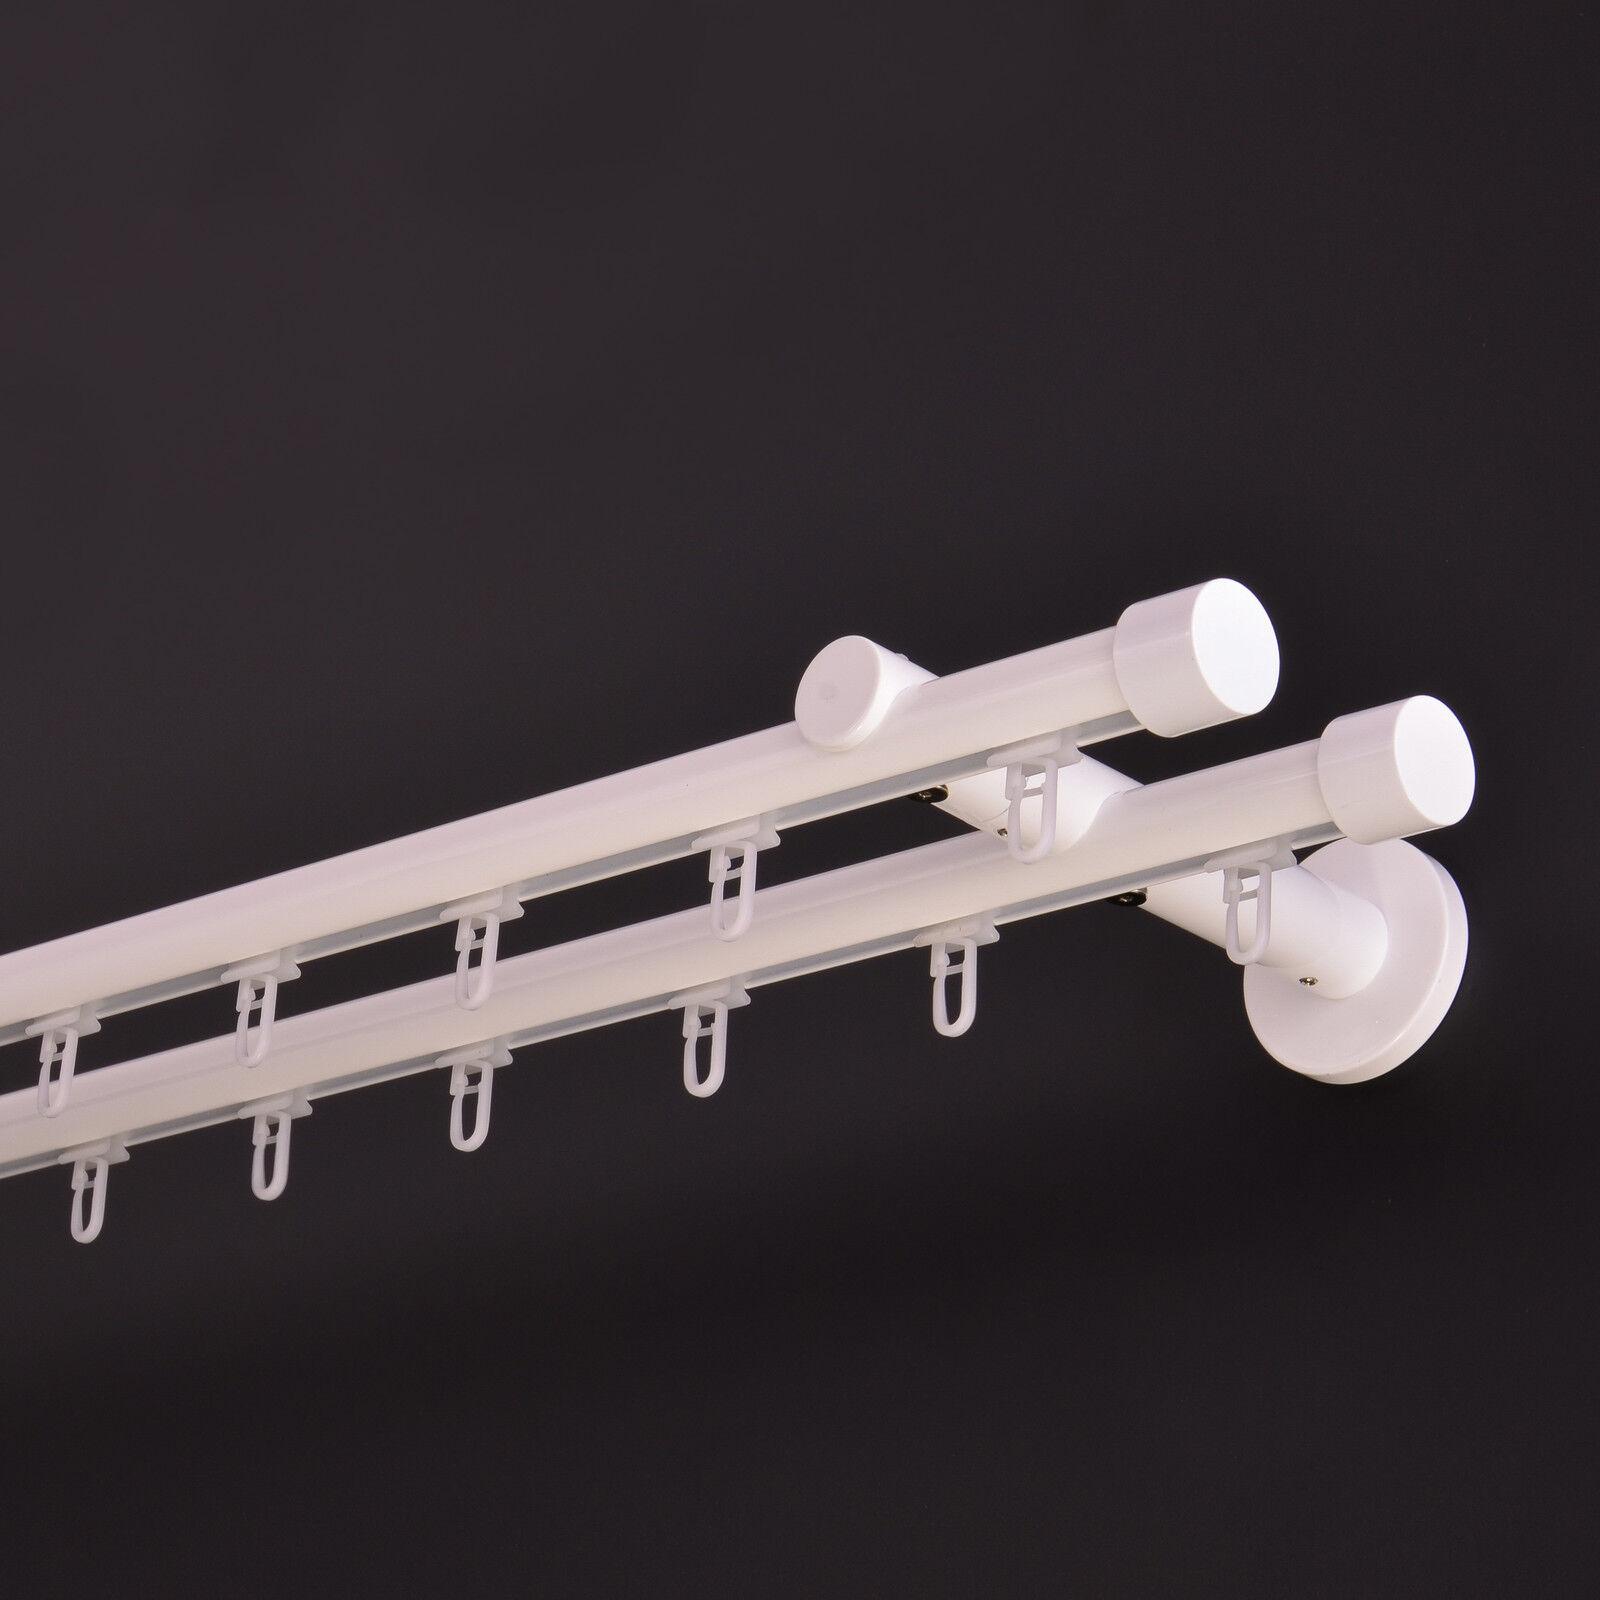 Innenlauf Gardinenstange 19mm 2-Läufig Weiß 120cm 120cm 120cm bis 600cm_IB25 a3fe03